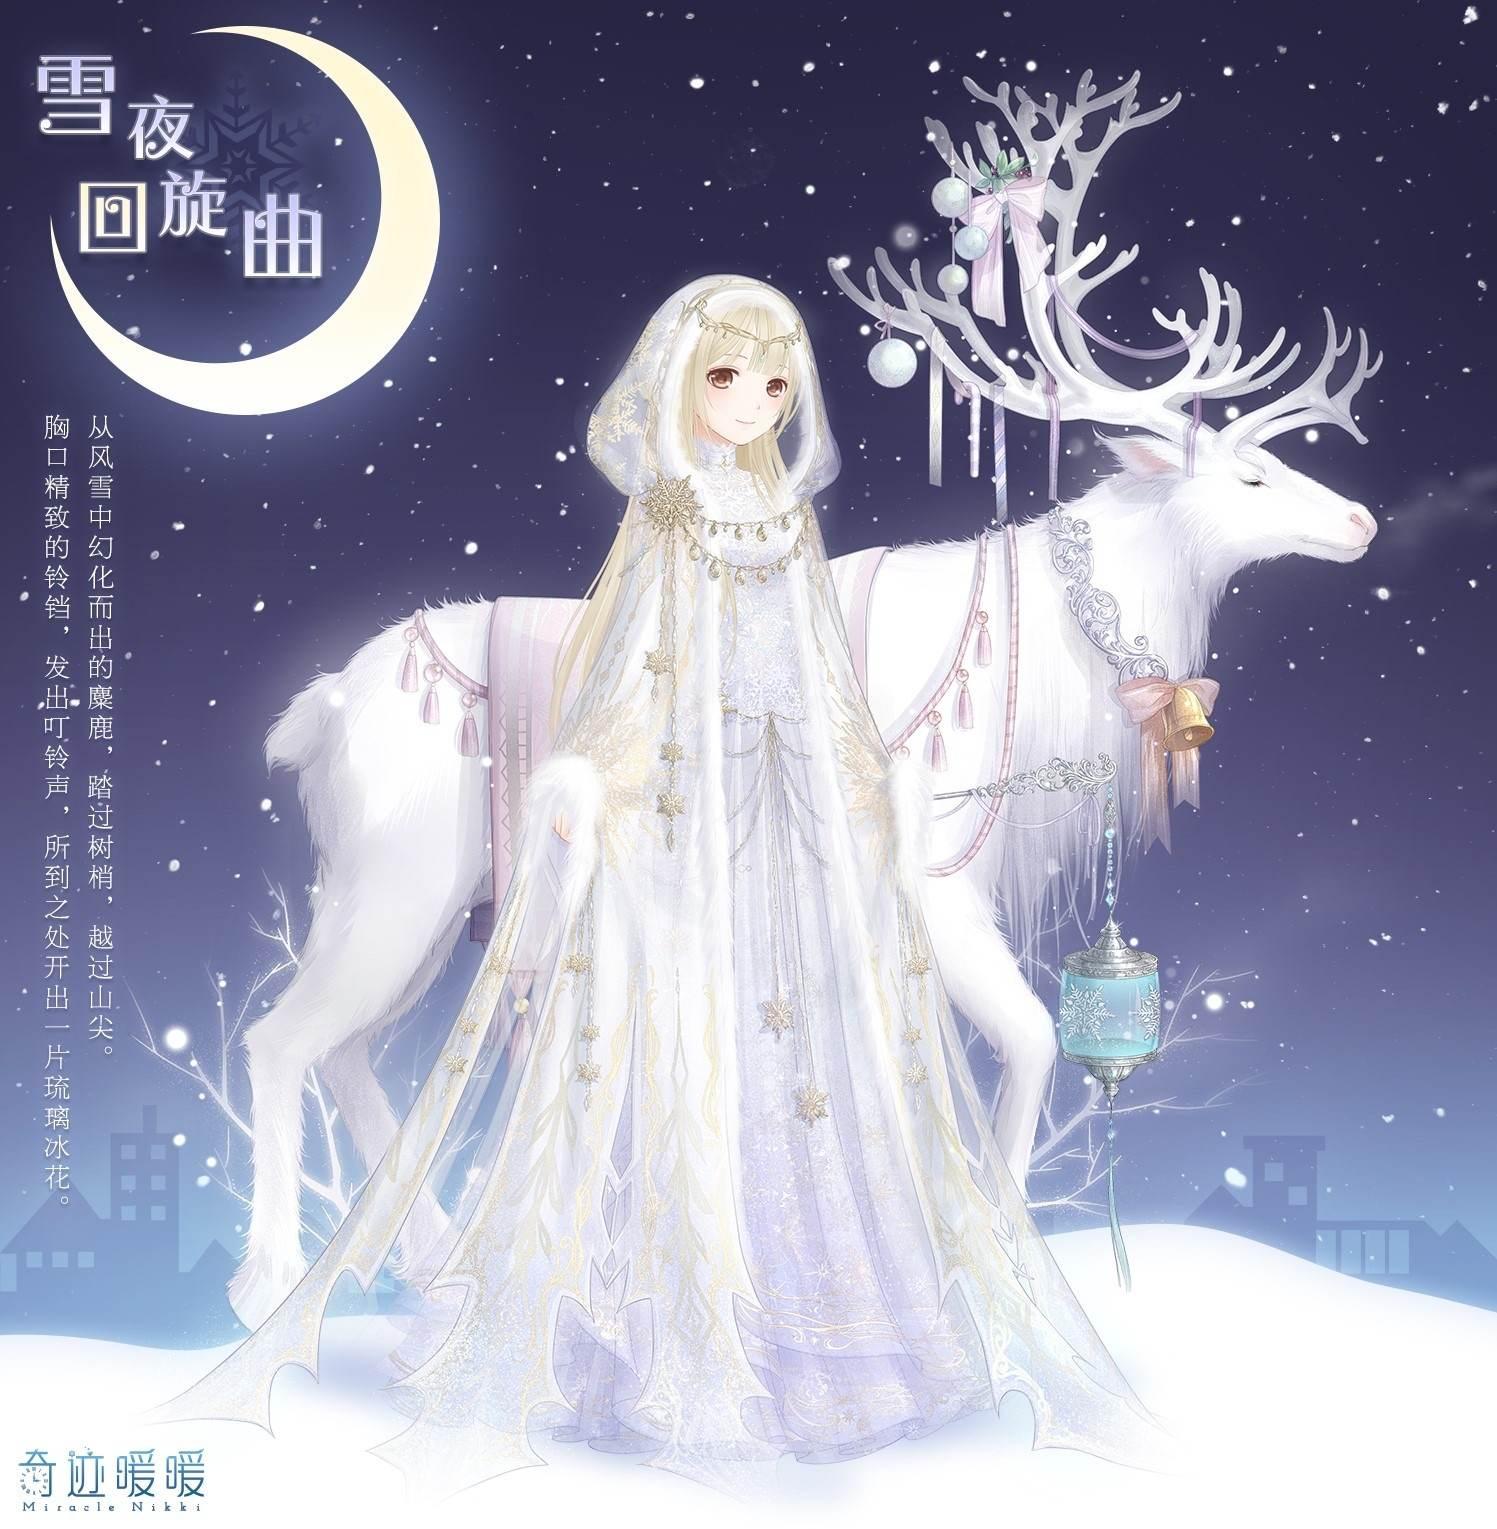 奇迹暖暖飘雪圣诞新套装雪夜回旋曲+圣诞奇遇记 奇遇之旅掉落雪铃铛